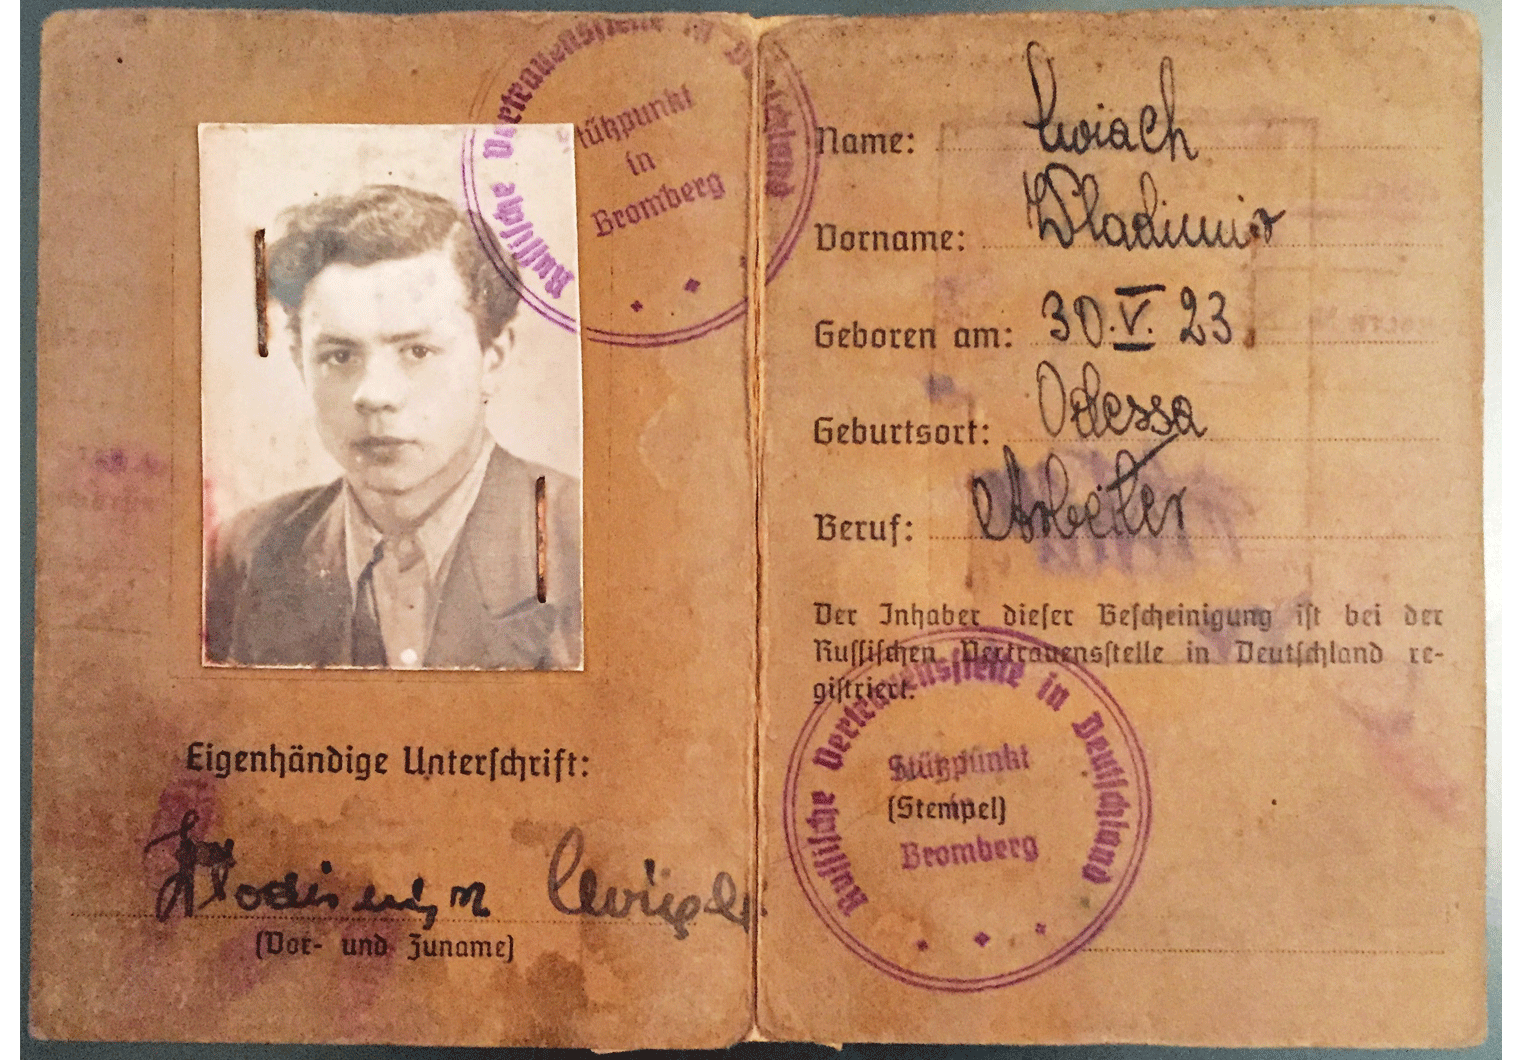 WW2 identity document